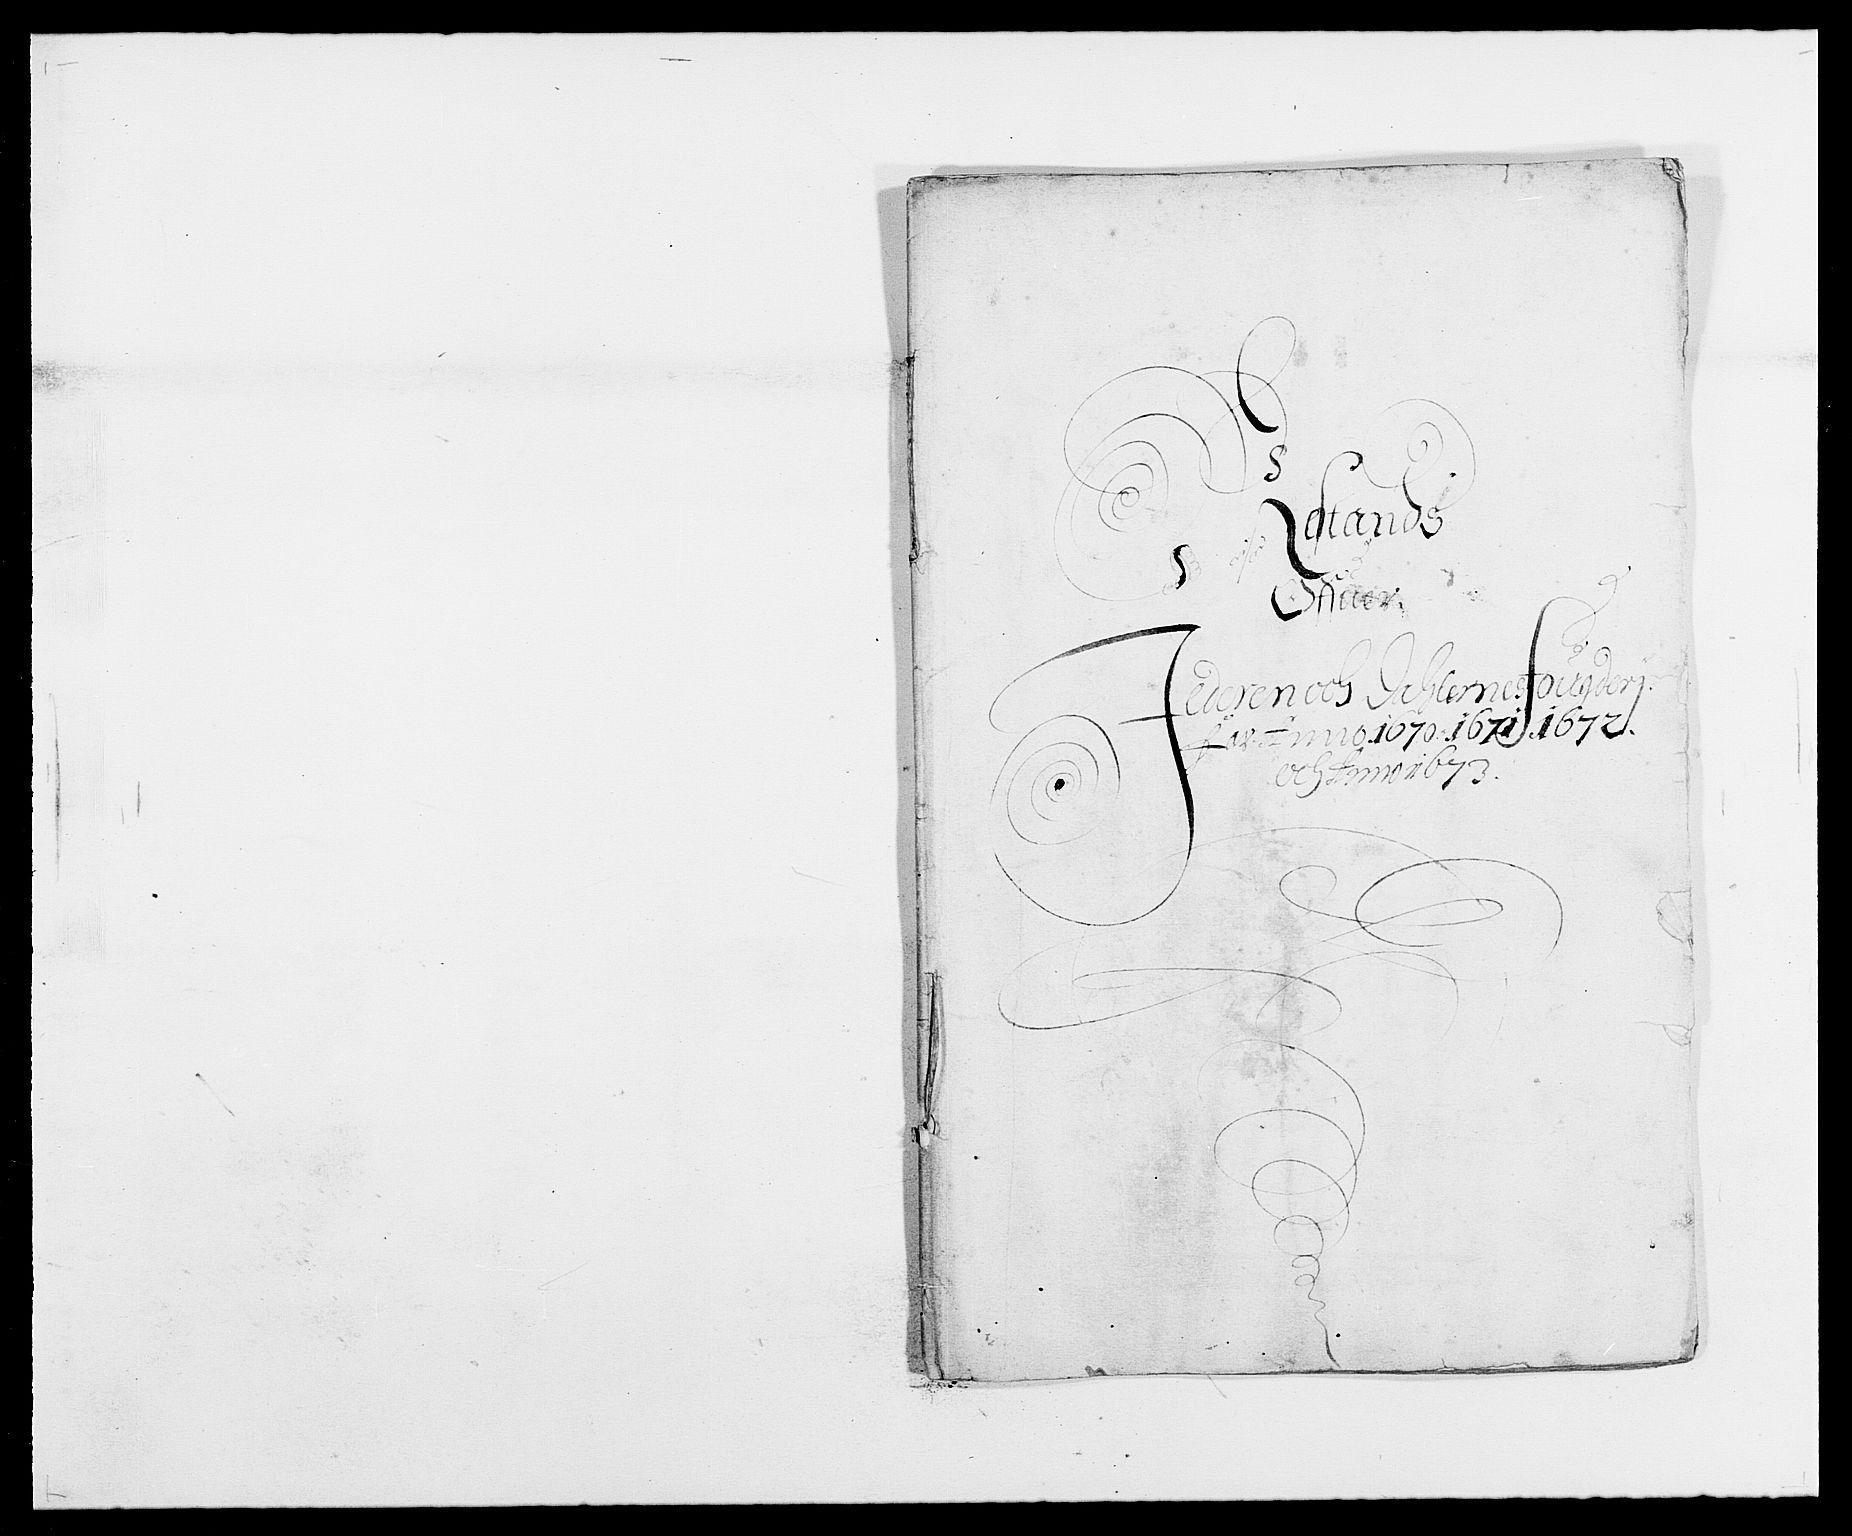 RA, Rentekammeret inntil 1814, Reviderte regnskaper, Fogderegnskap, R46/L2714: Fogderegnskap Jæren og Dalane, 1673-1674, s. 128